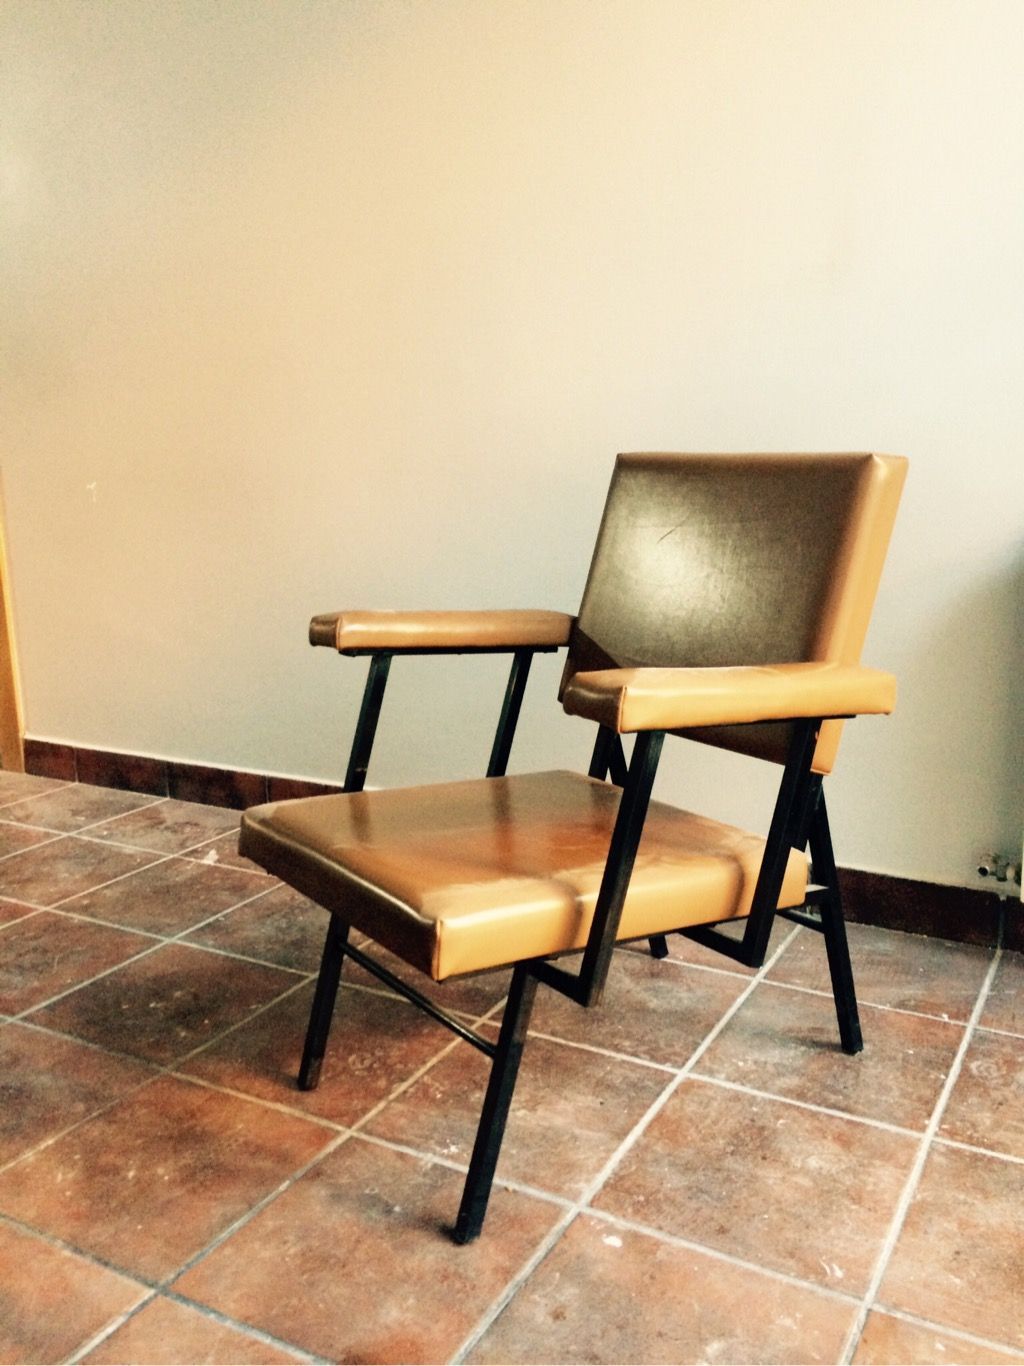 Conjunto De 6 Sillones Estilo Vintage La Estructura Es Met Lica Y  # Muebles Leticia Elche